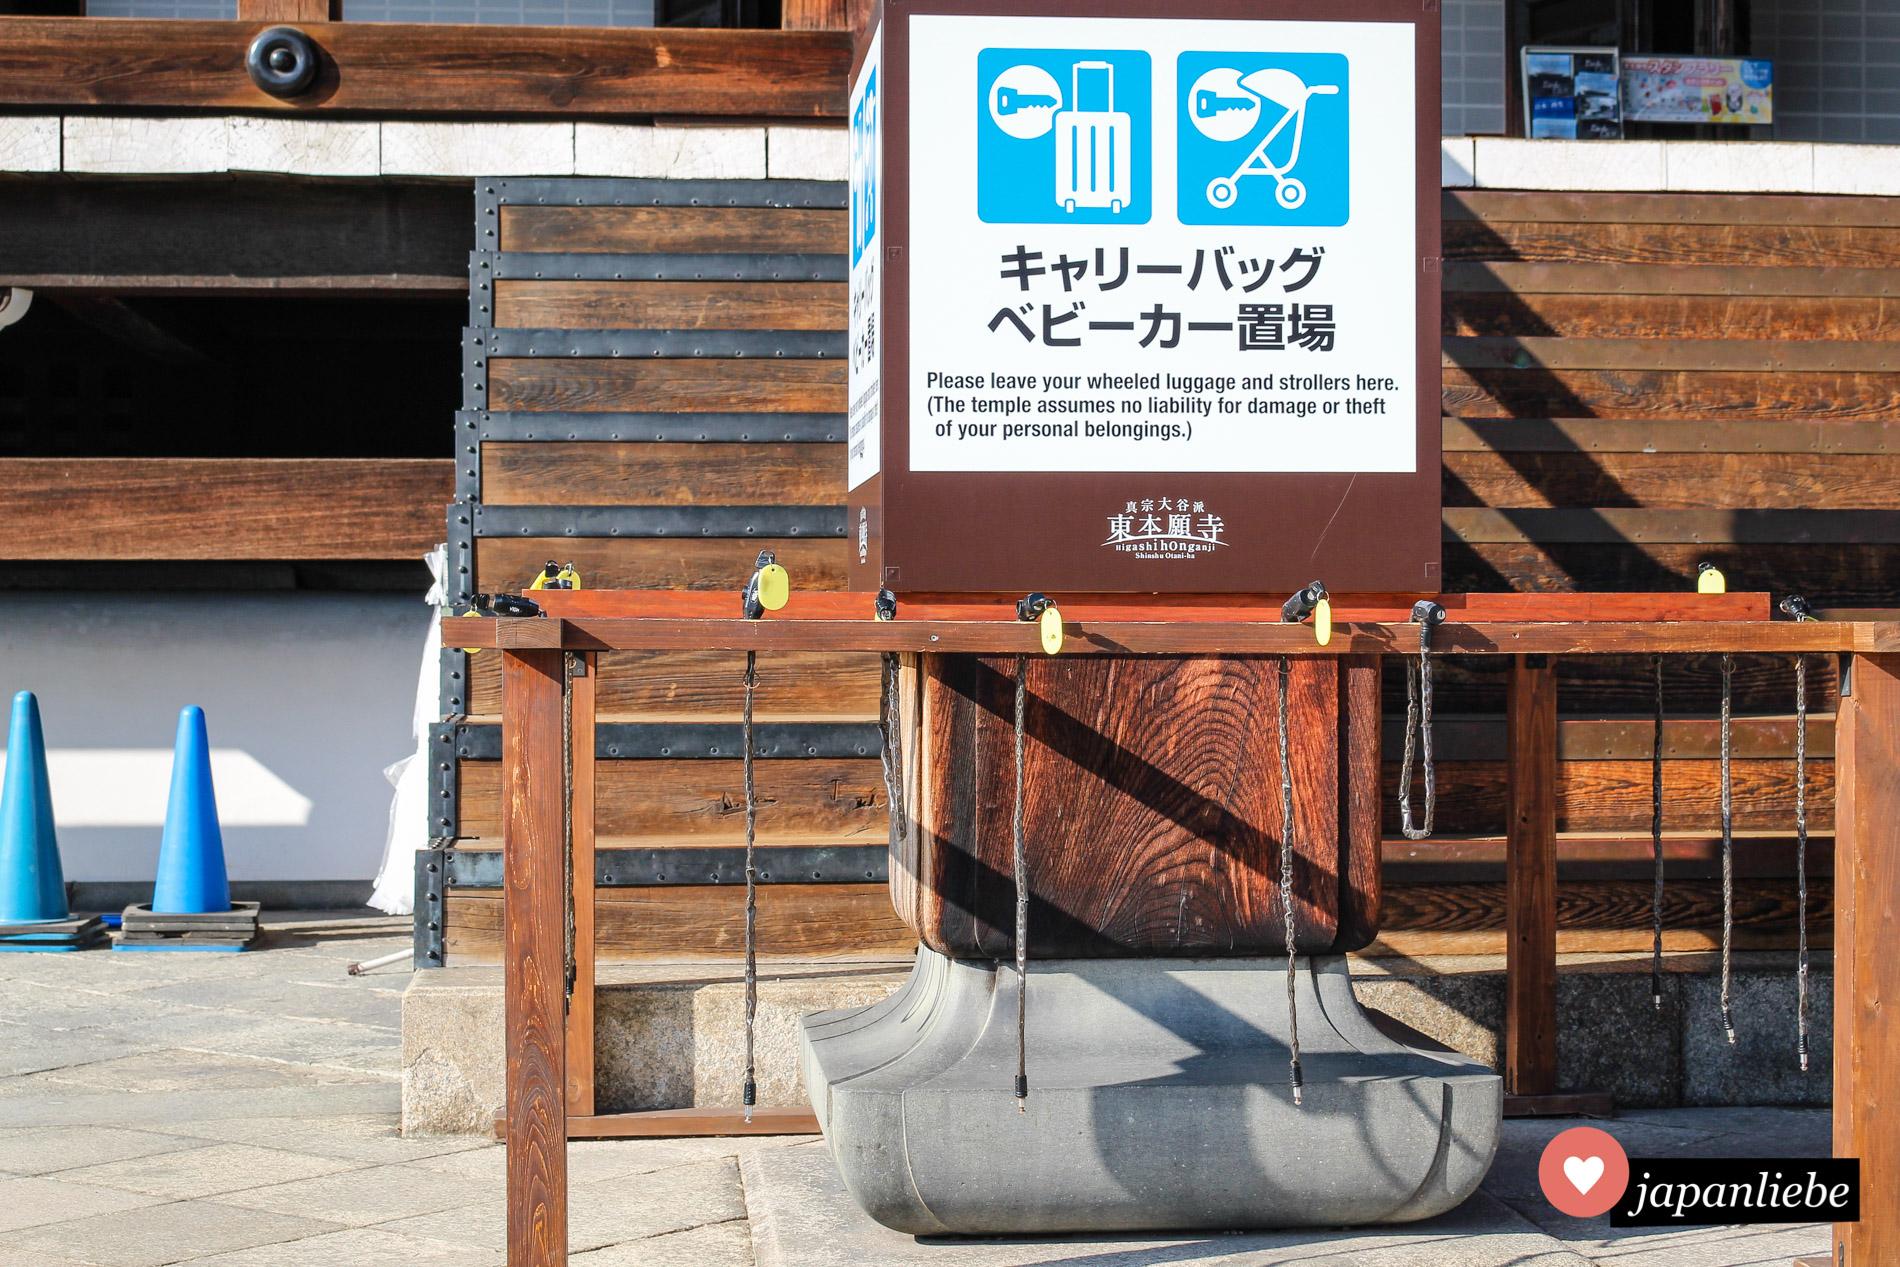 Am Hongan-ji-Tempel gibt es ganz zeitgemäß die Möglichkeit, Koffer und Kinderwägen vorübergehend sicher zu verstauen.